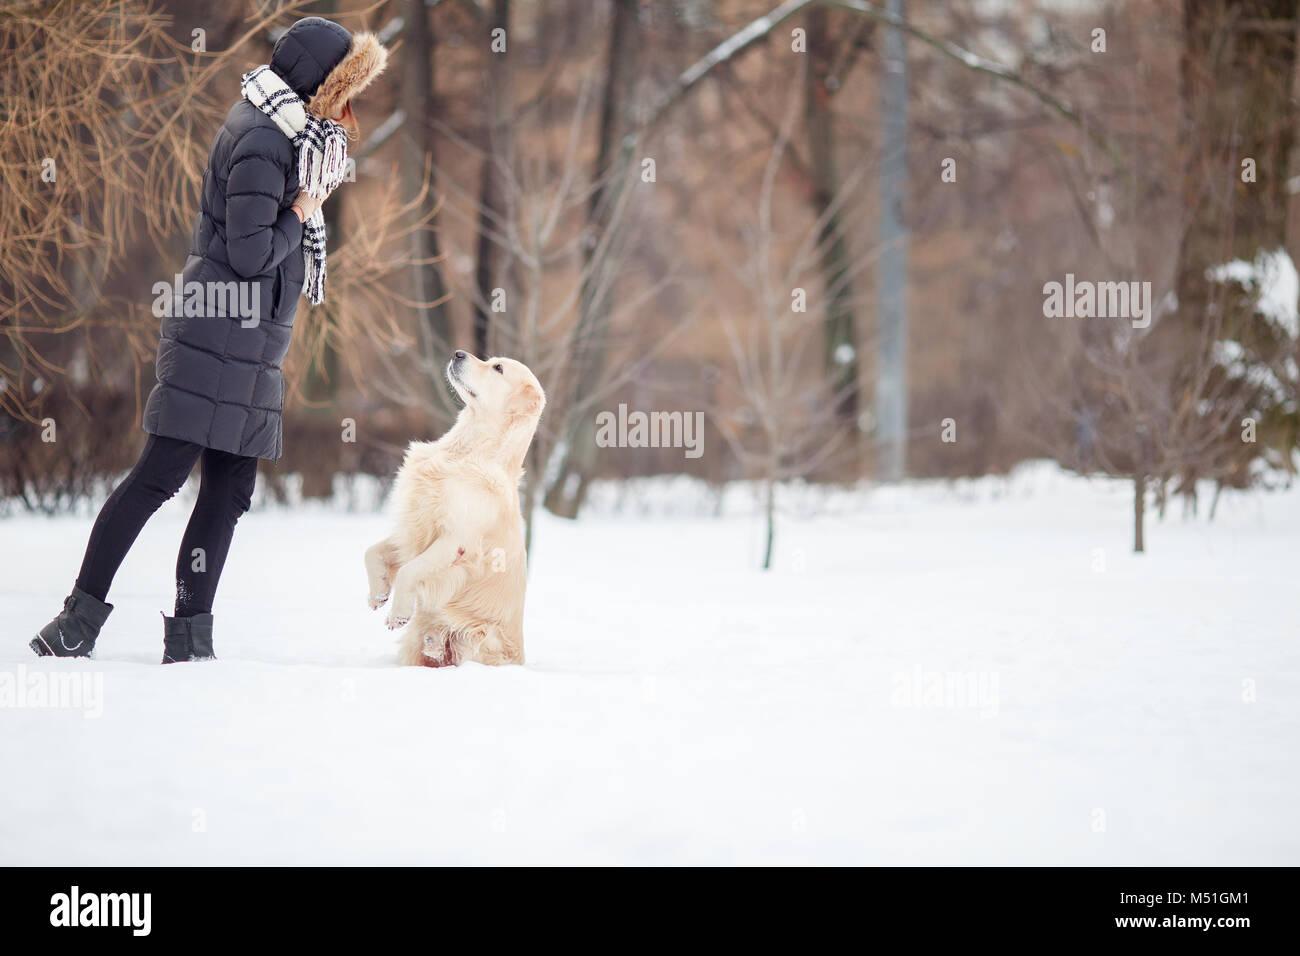 Imagen del joven en Chaqueta negra la formación de perro en el parque de nieve Imagen De Stock